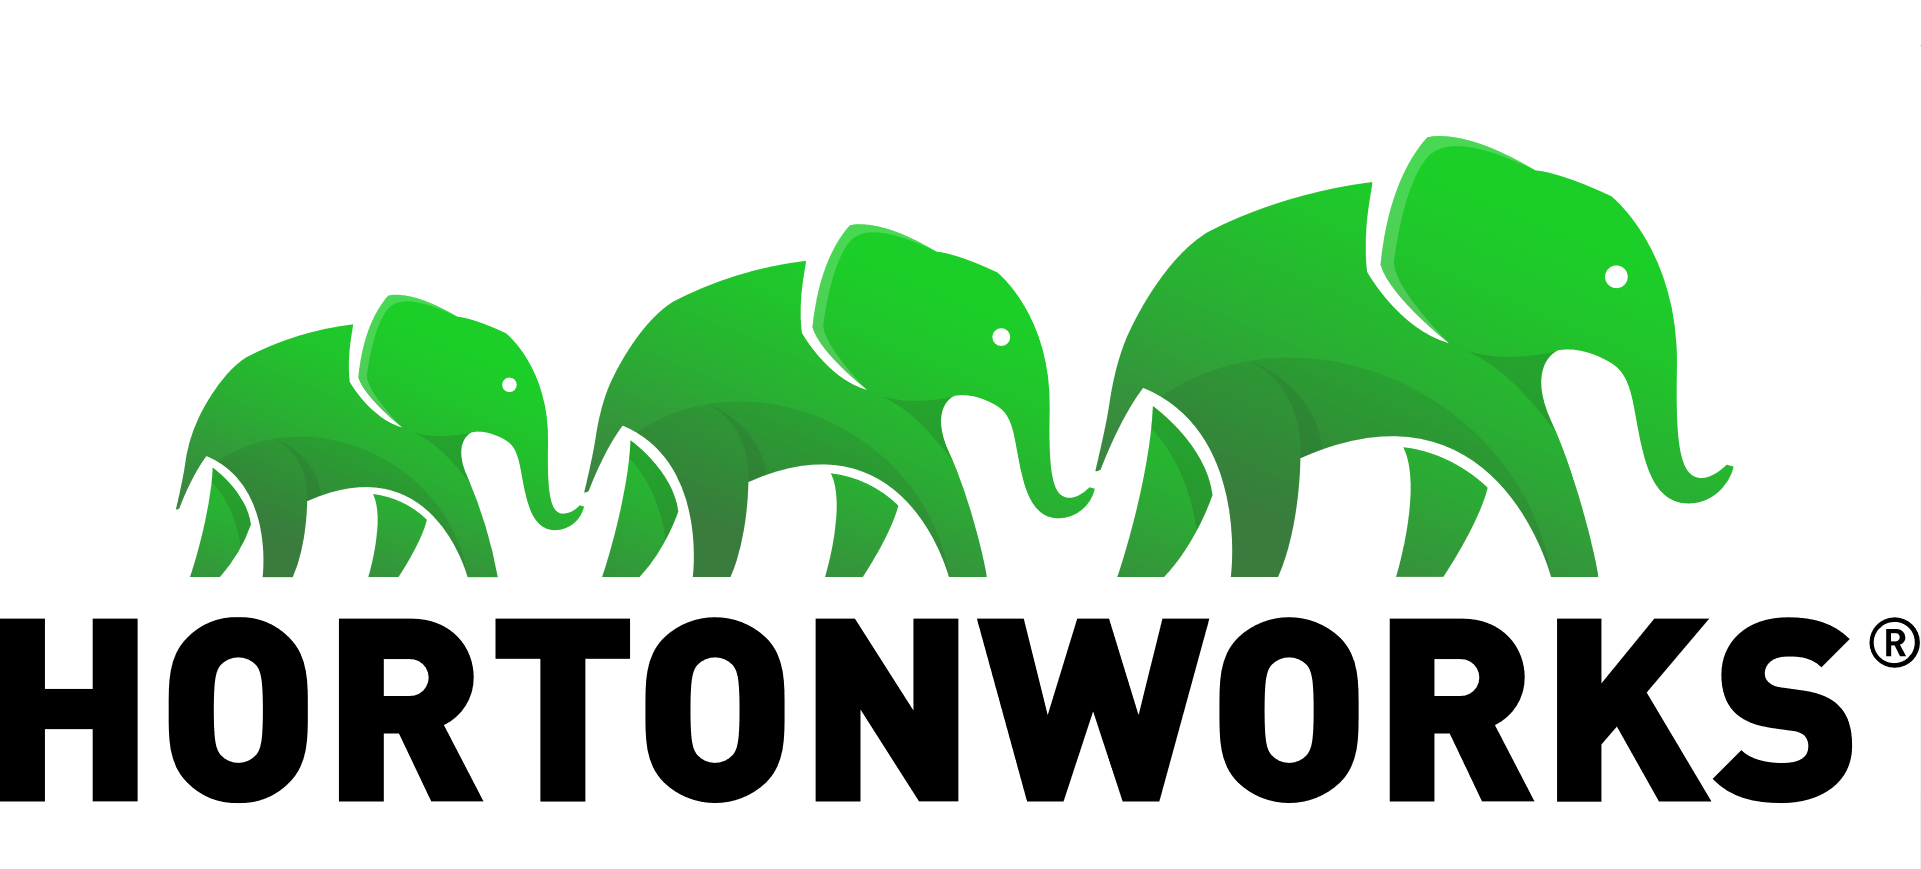 AWS Marketplace: Hortonworks